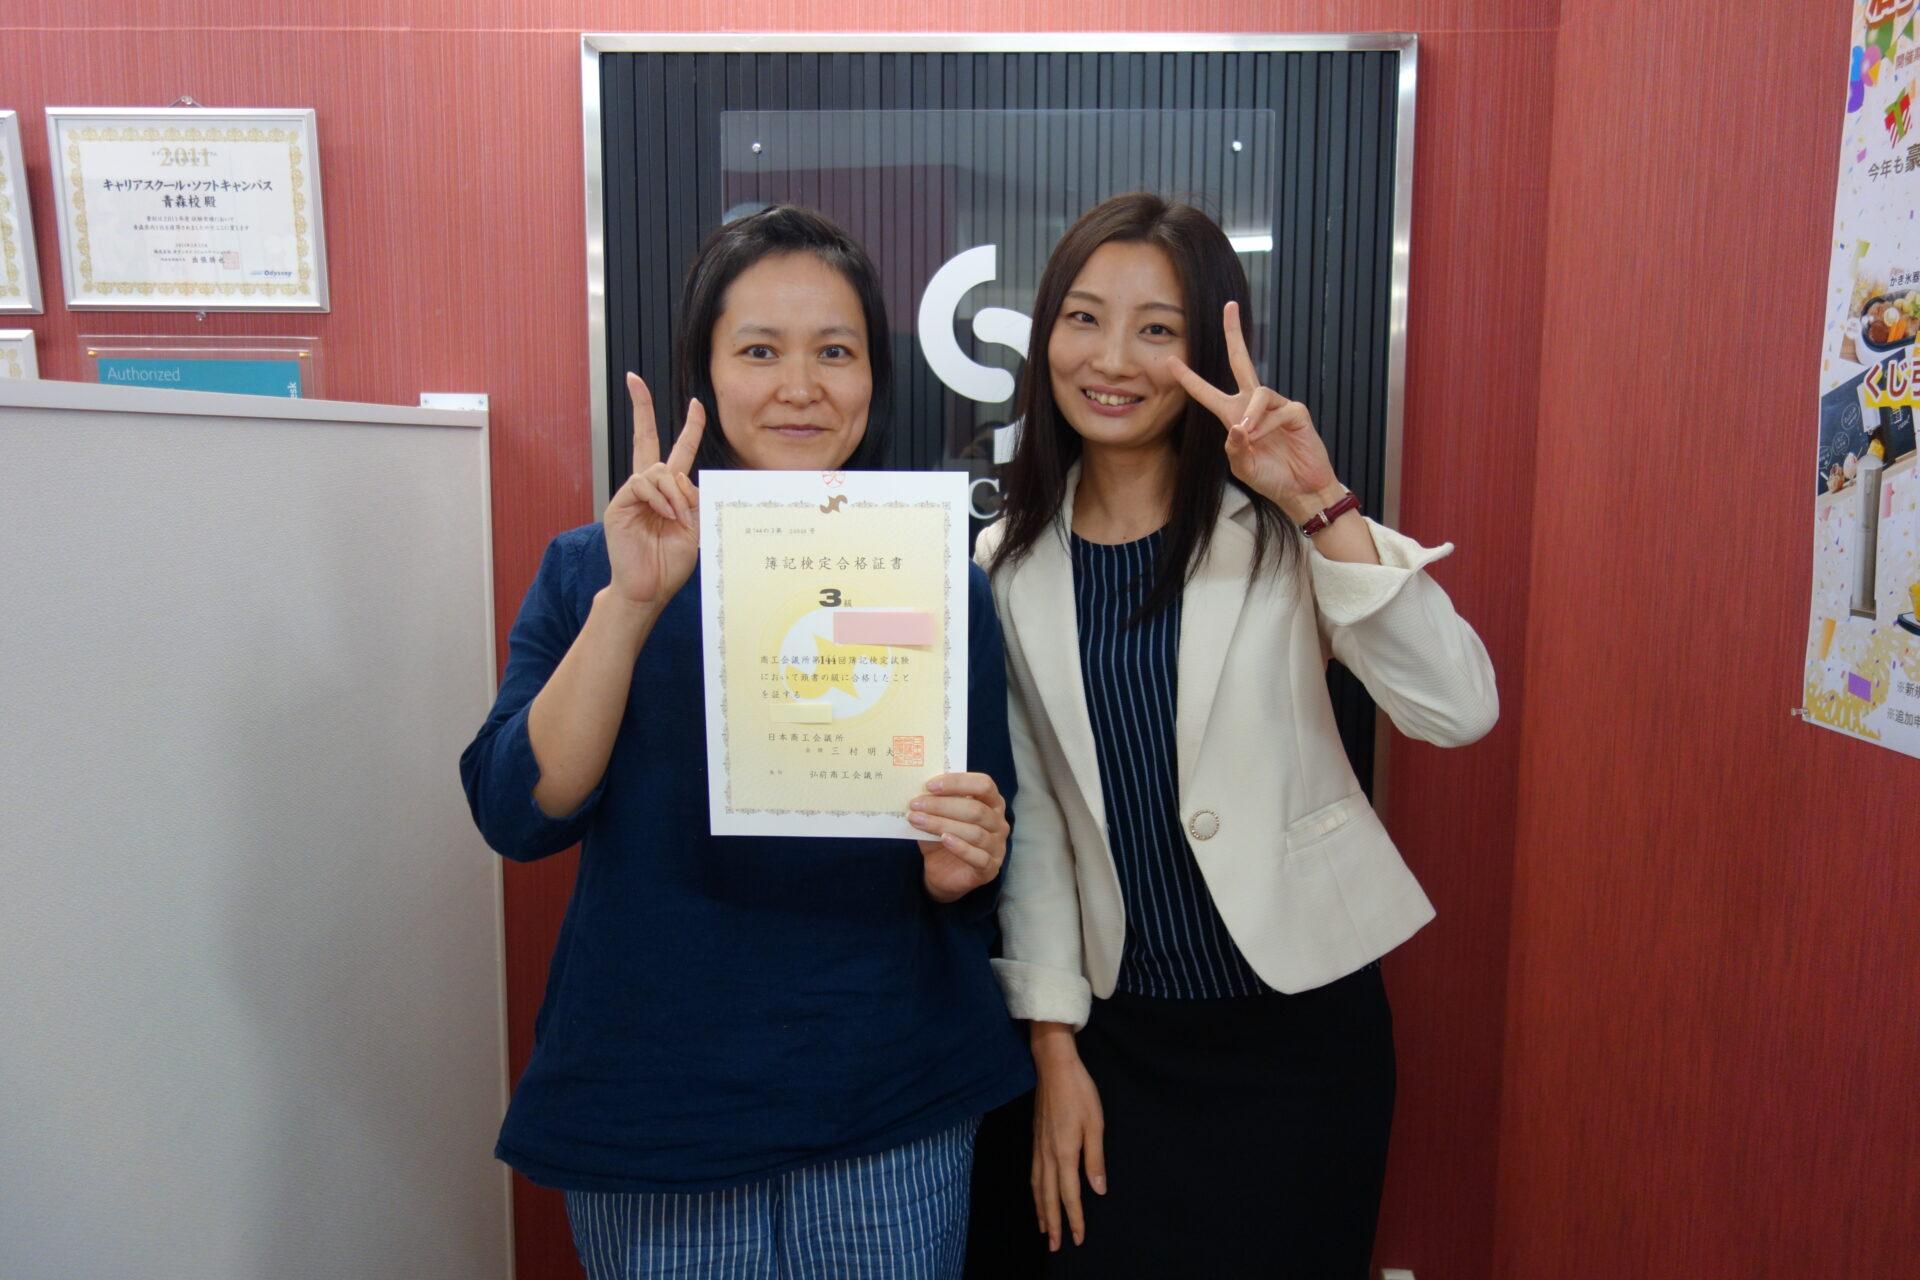 青森 簿記3級合格の生徒K・Tさん